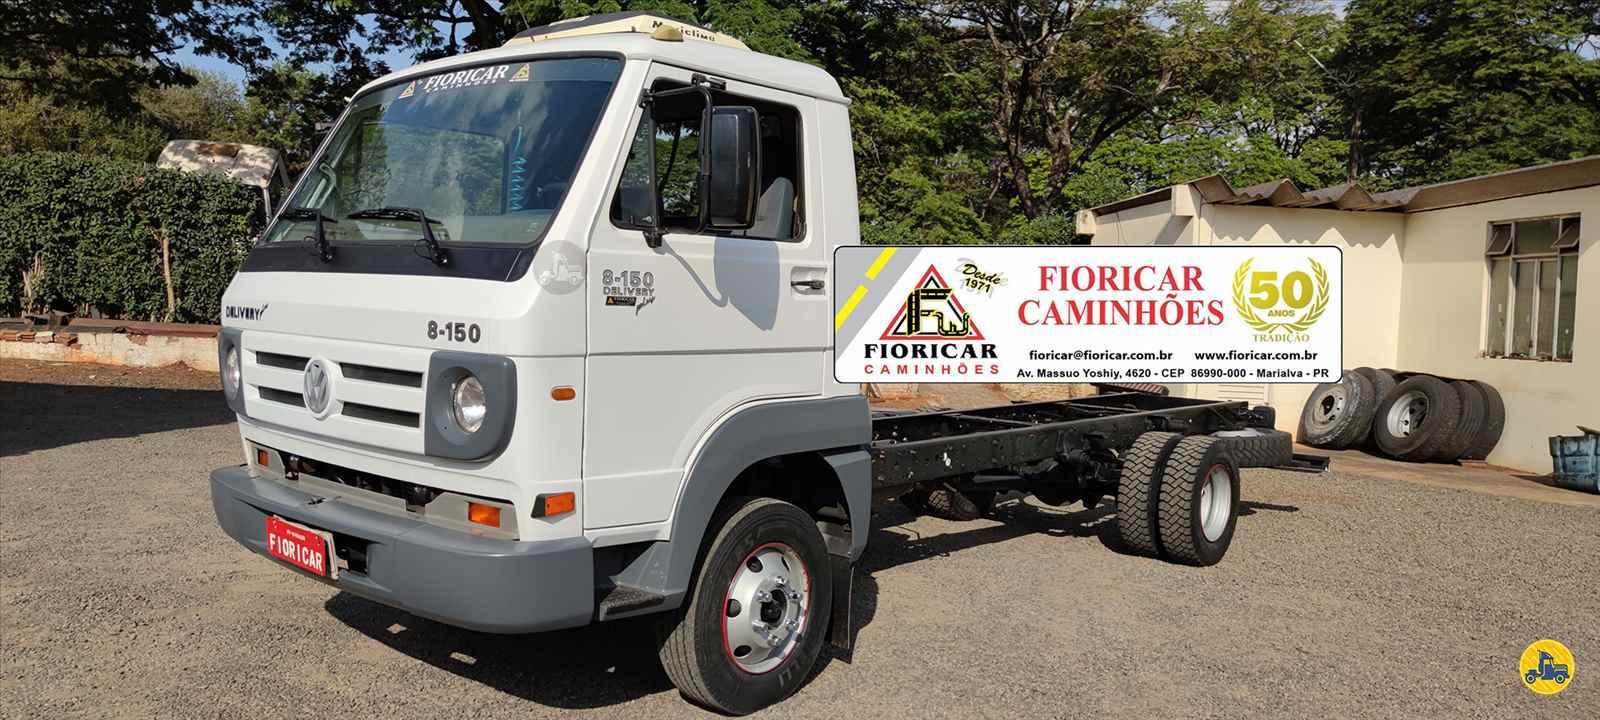 CAMINHAO VOLKSWAGEN VW 8150 Chassis 3/4 4x2 Fioricar Caminhões MARIALVA PARANÁ PR